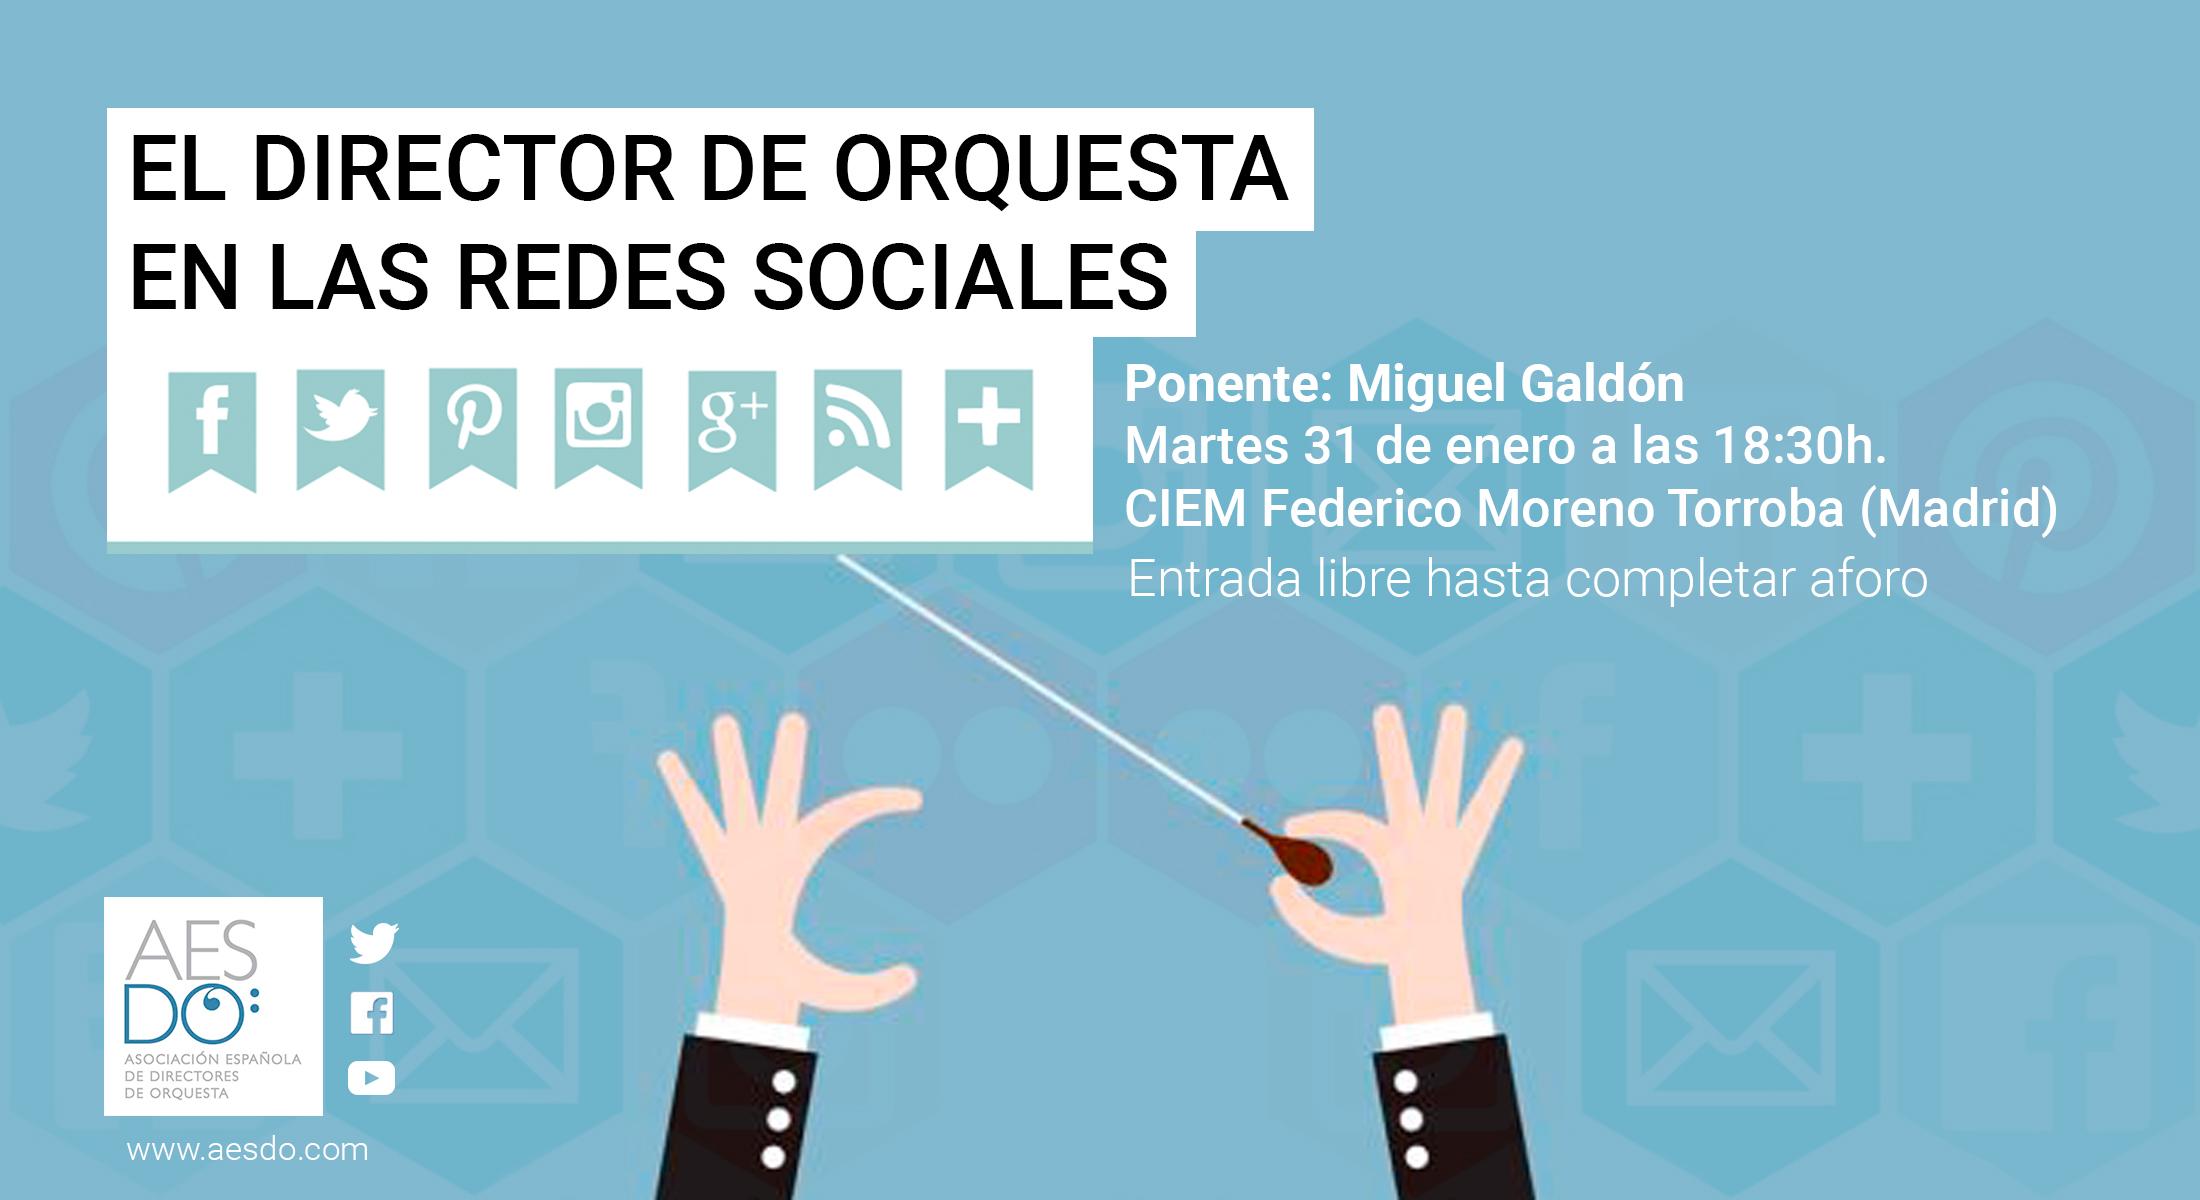 director-orquesta-redes-sociales-miguel-galdon